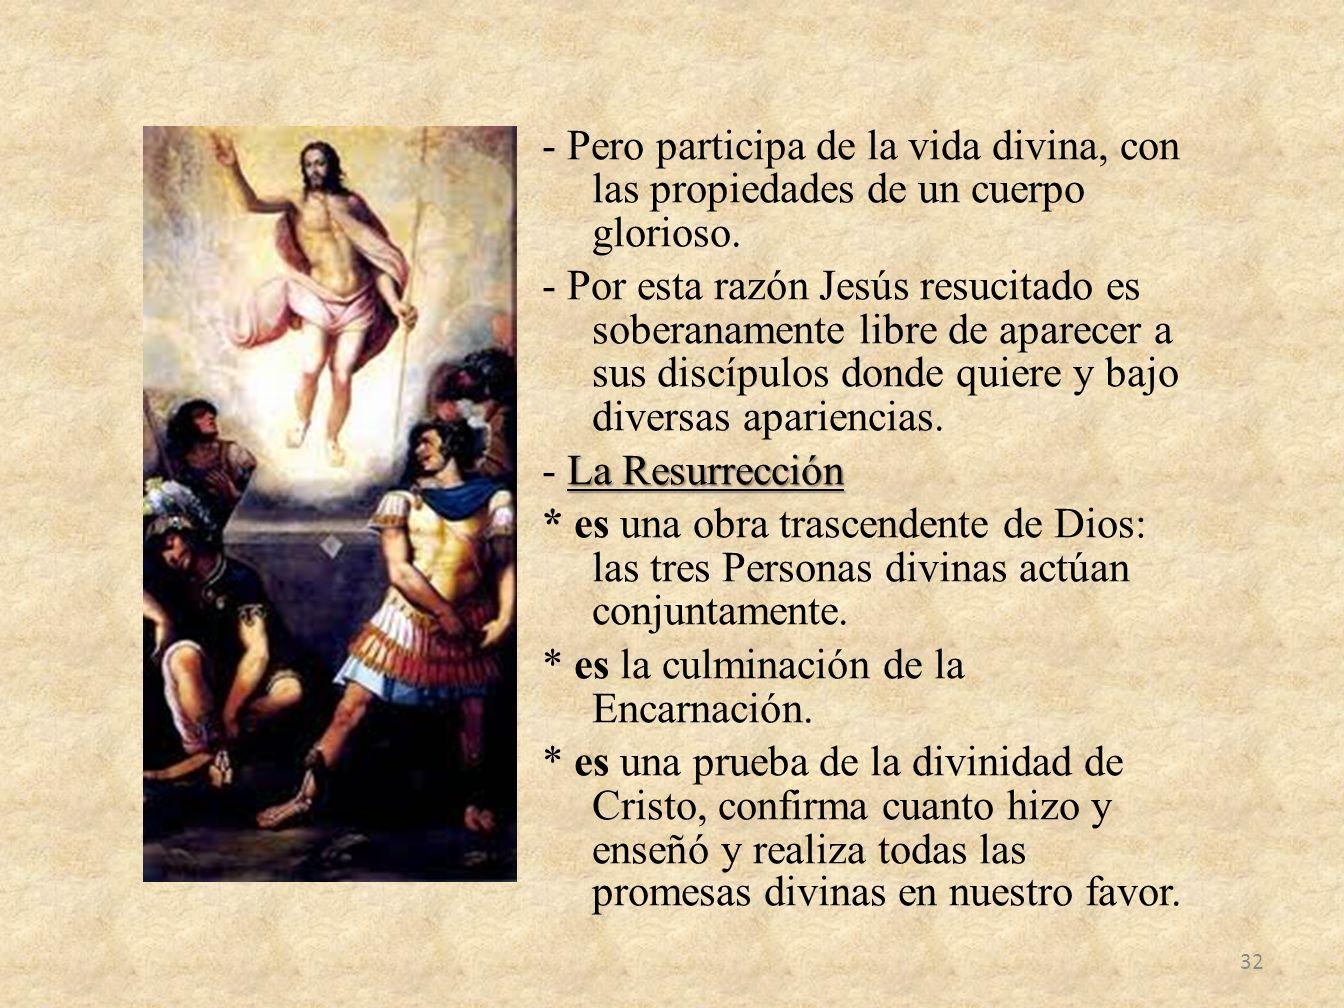 - Pero participa de la vida divina, con las propiedades de un cuerpo glorioso. - Por esta razón Jesús resucitado es soberanamente libre de aparecer a